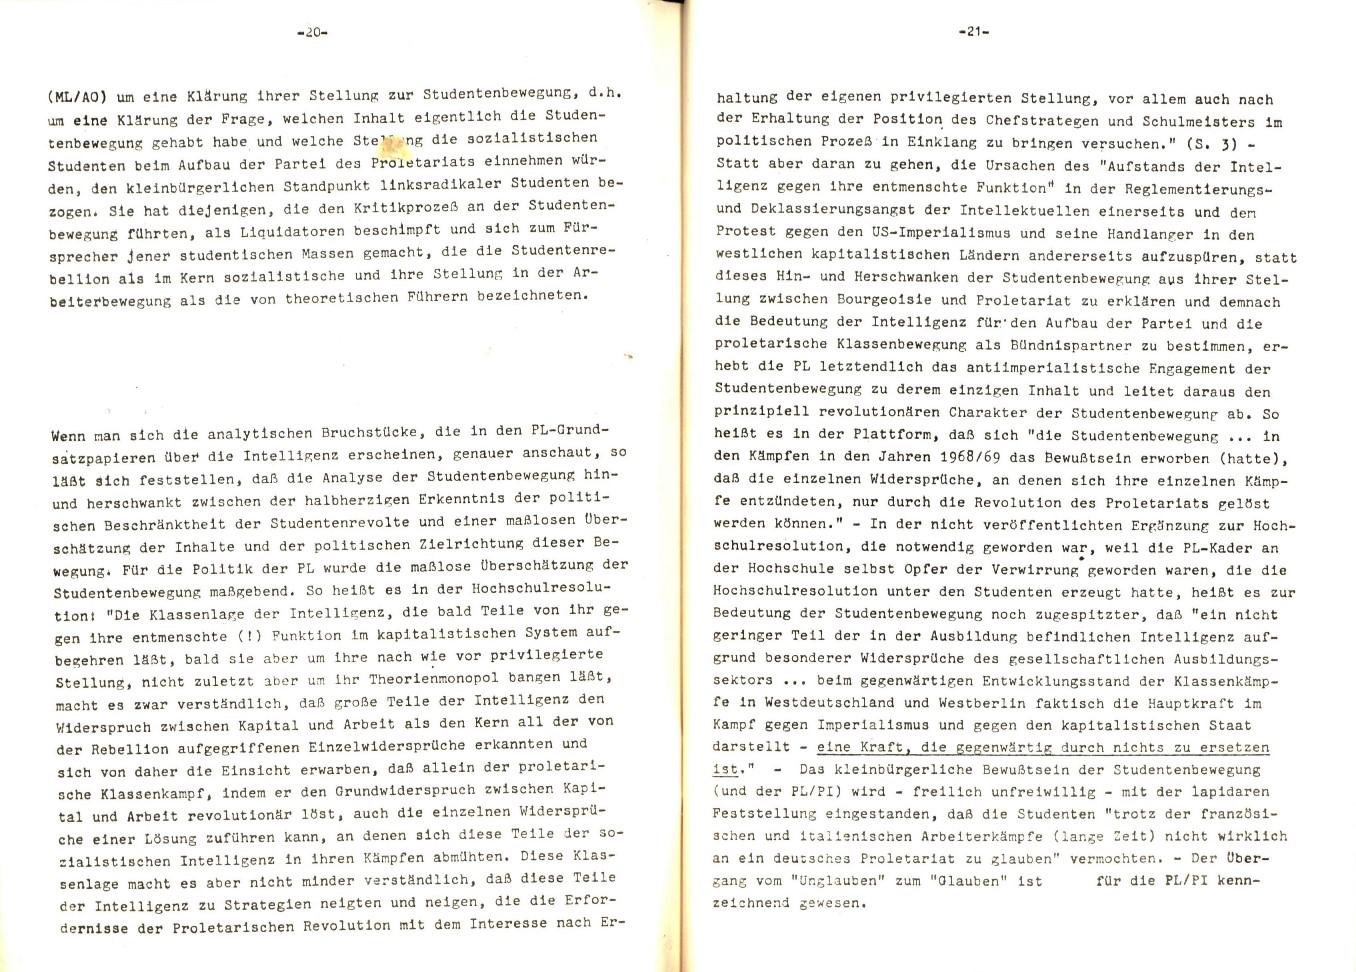 PLPI_1971_Aufloesung_13